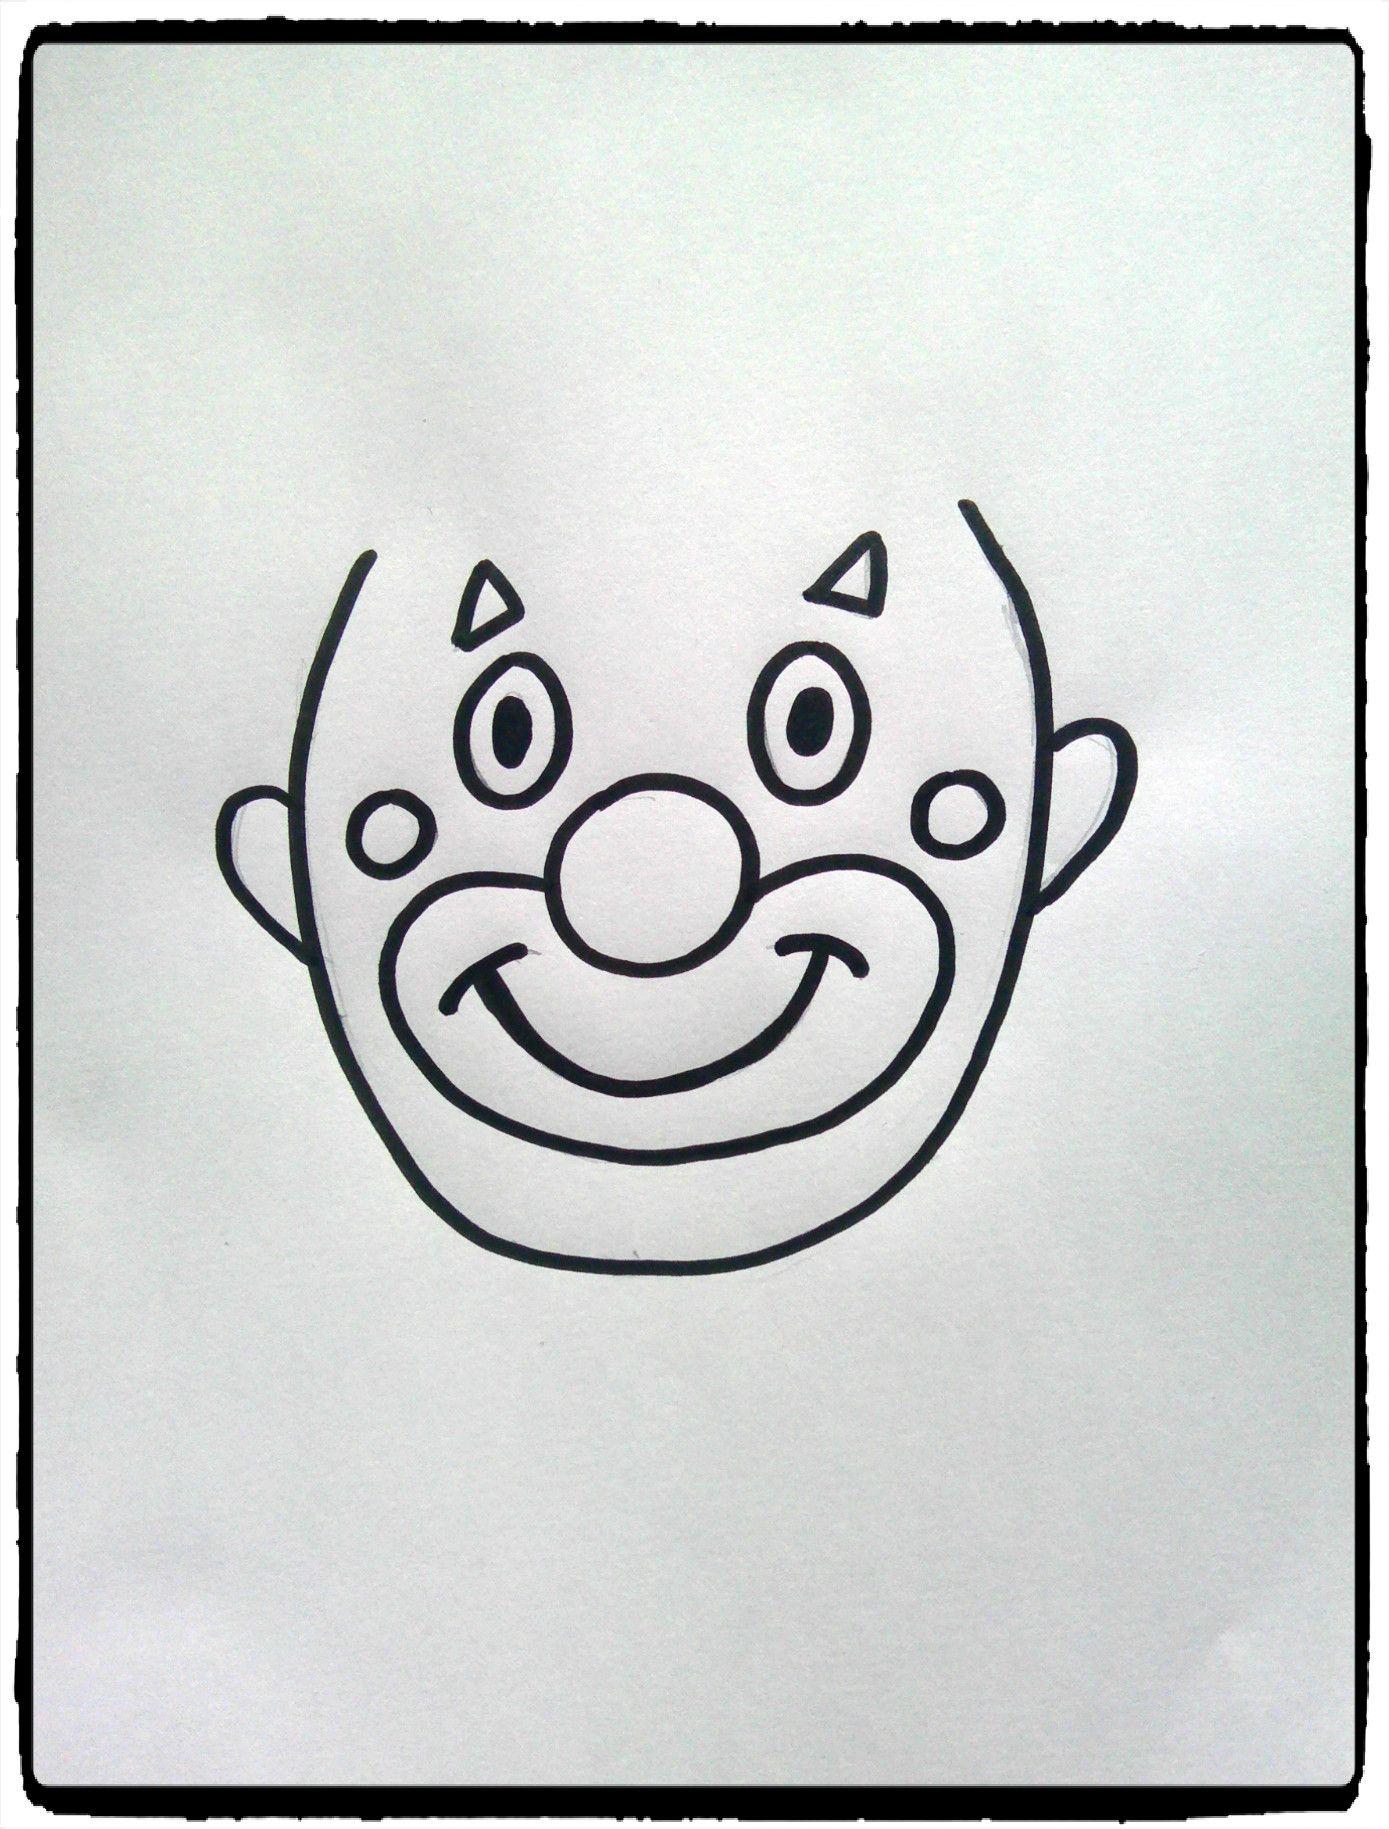 Têtes De Clowns En Empreintes De Mains - | Tete De Clown concernant Coloriage Tete De Clown